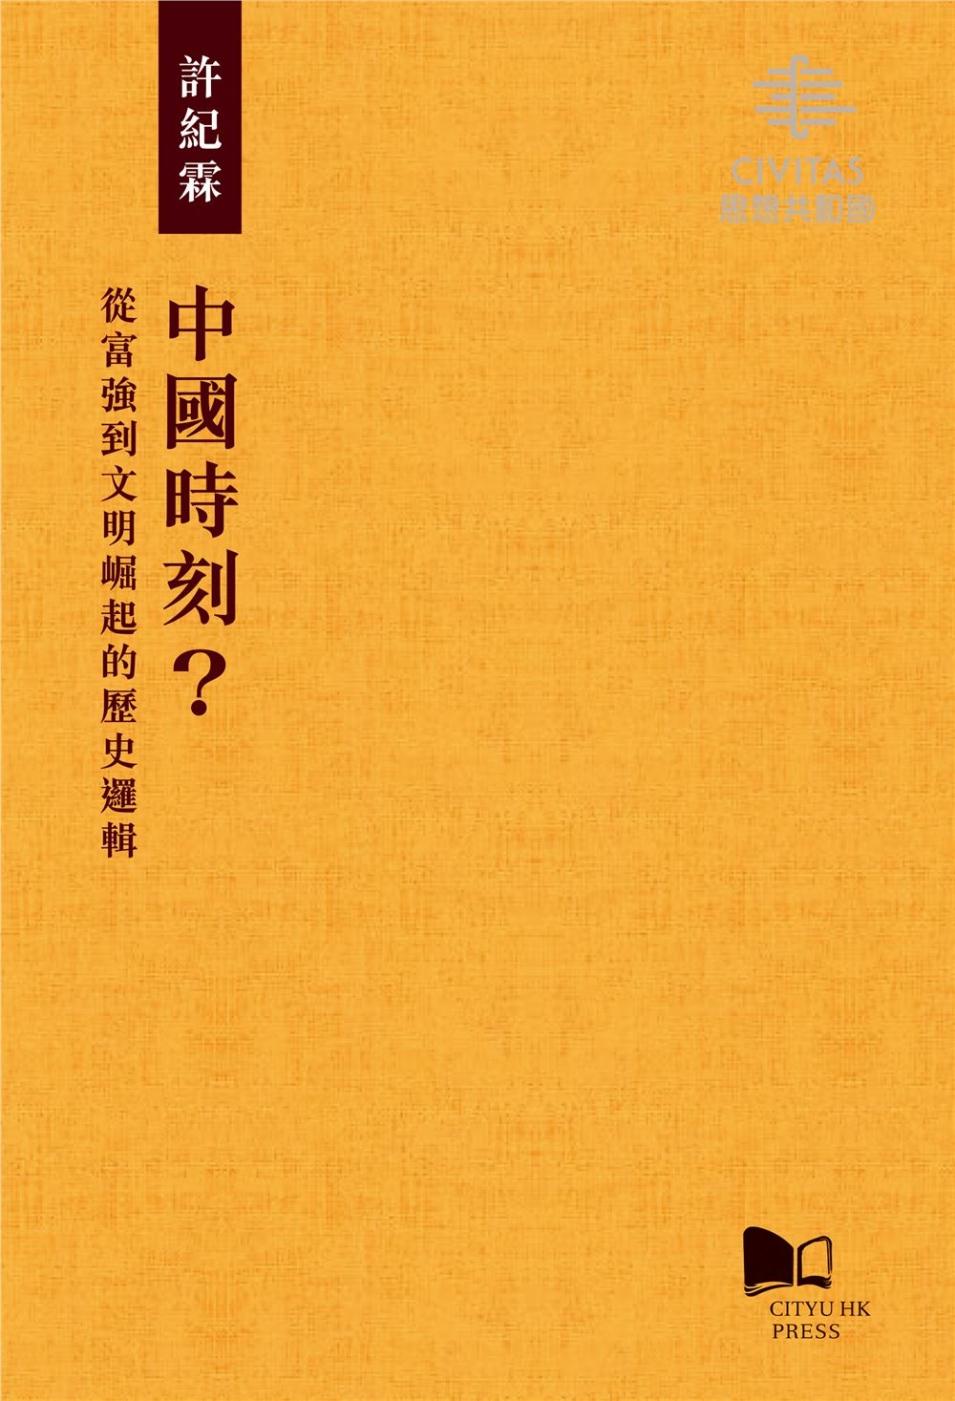 中國時刻?從富強到文明崛起的歷史邏輯